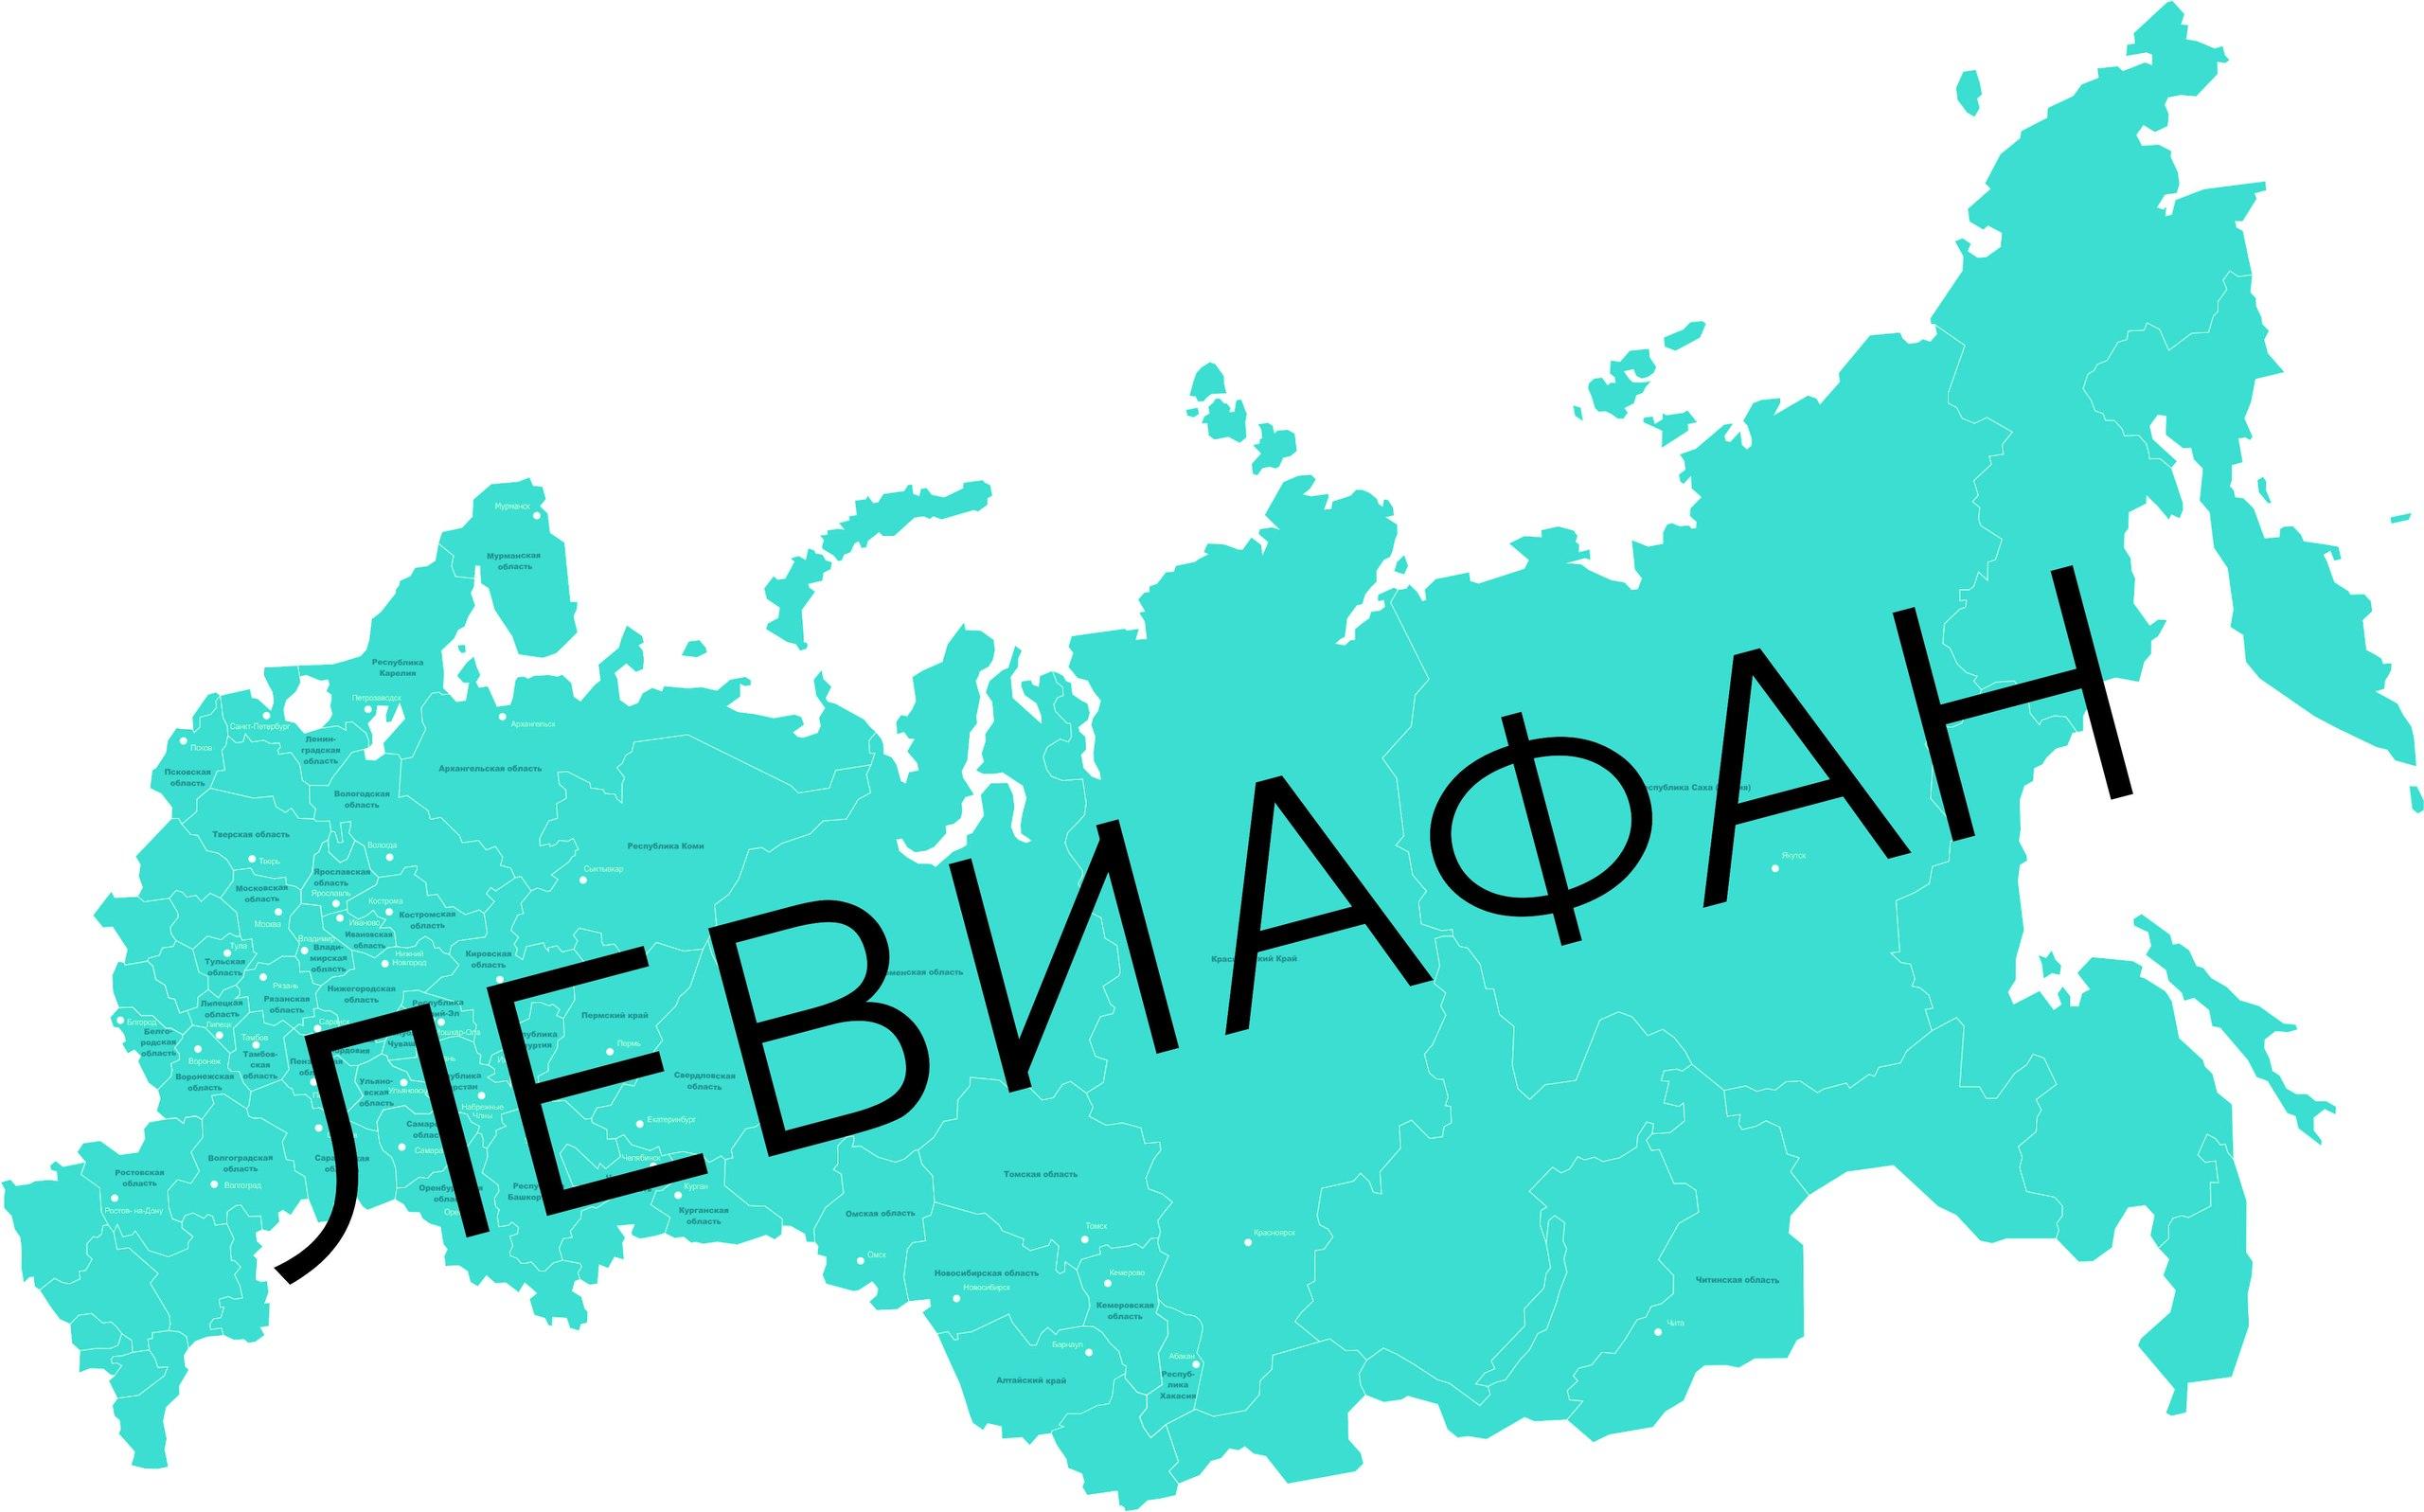 Москва не сбрасывает со счетов самый радикальный сценарий, - МИД Британии - Цензор.НЕТ 1334